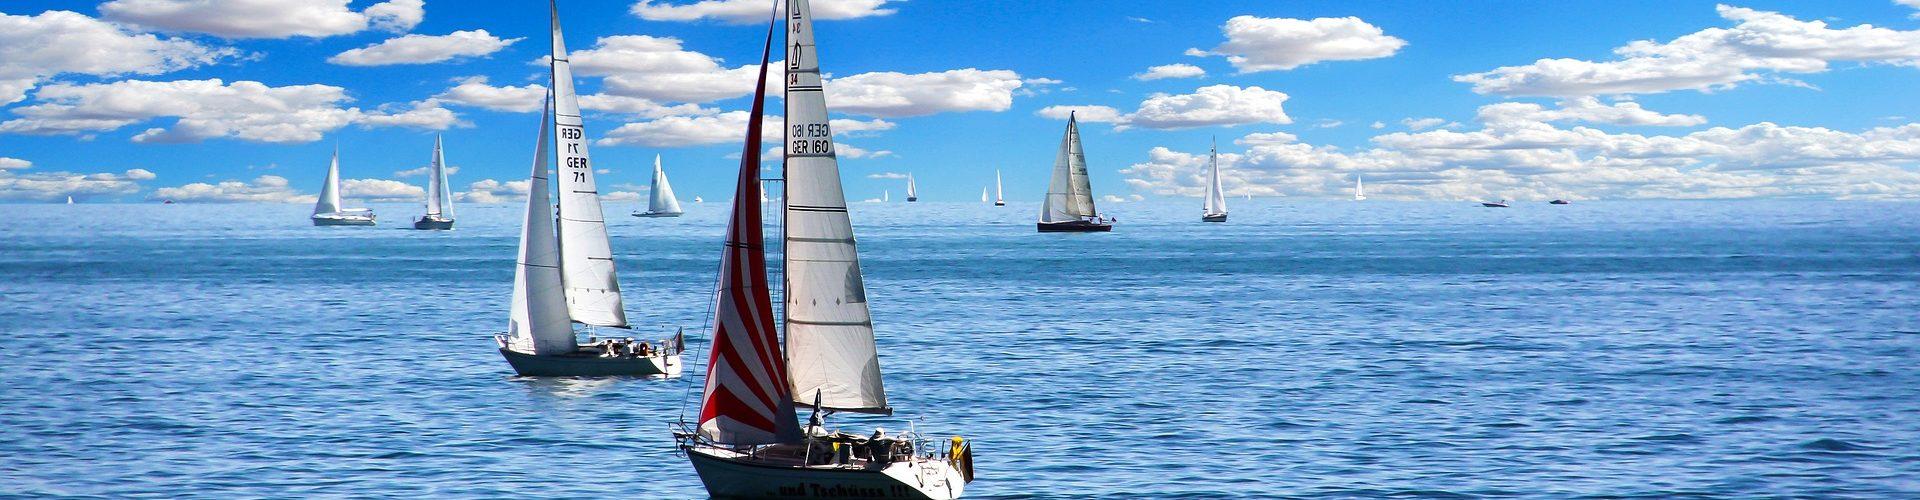 segeln lernen in Wipperfürth segelschein machen in Wipperfürth 1920x500 - Segeln lernen in Wipperfürth